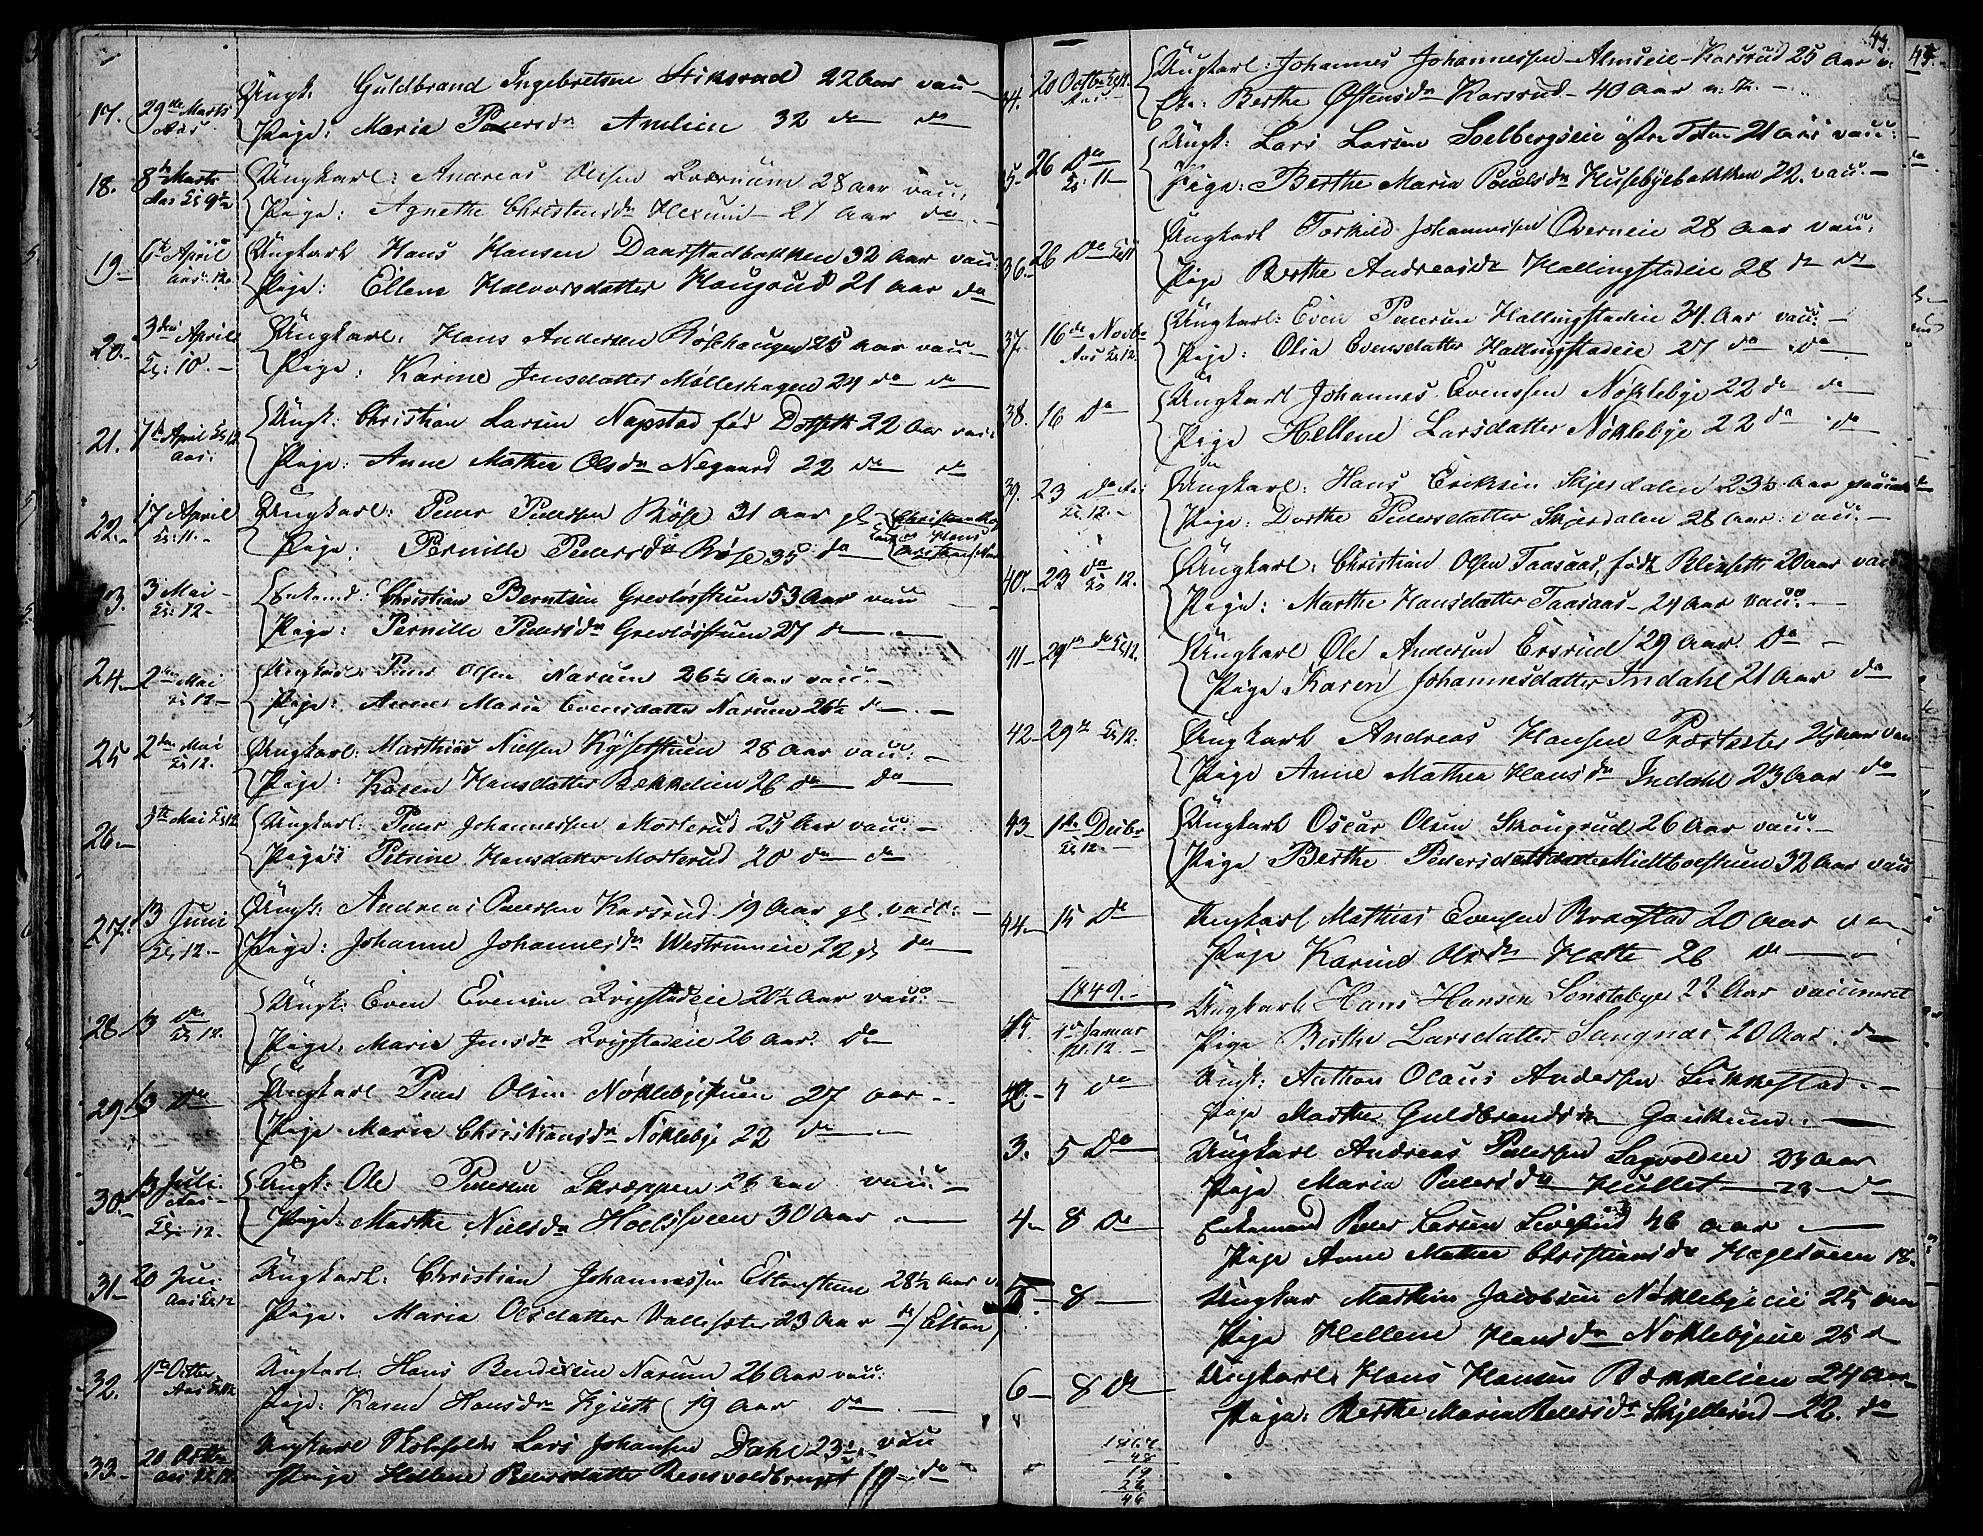 SAH, Vestre Toten prestekontor, H/Ha/Hab/L0003: Klokkerbok nr. 3, 1846-1854, s. 43